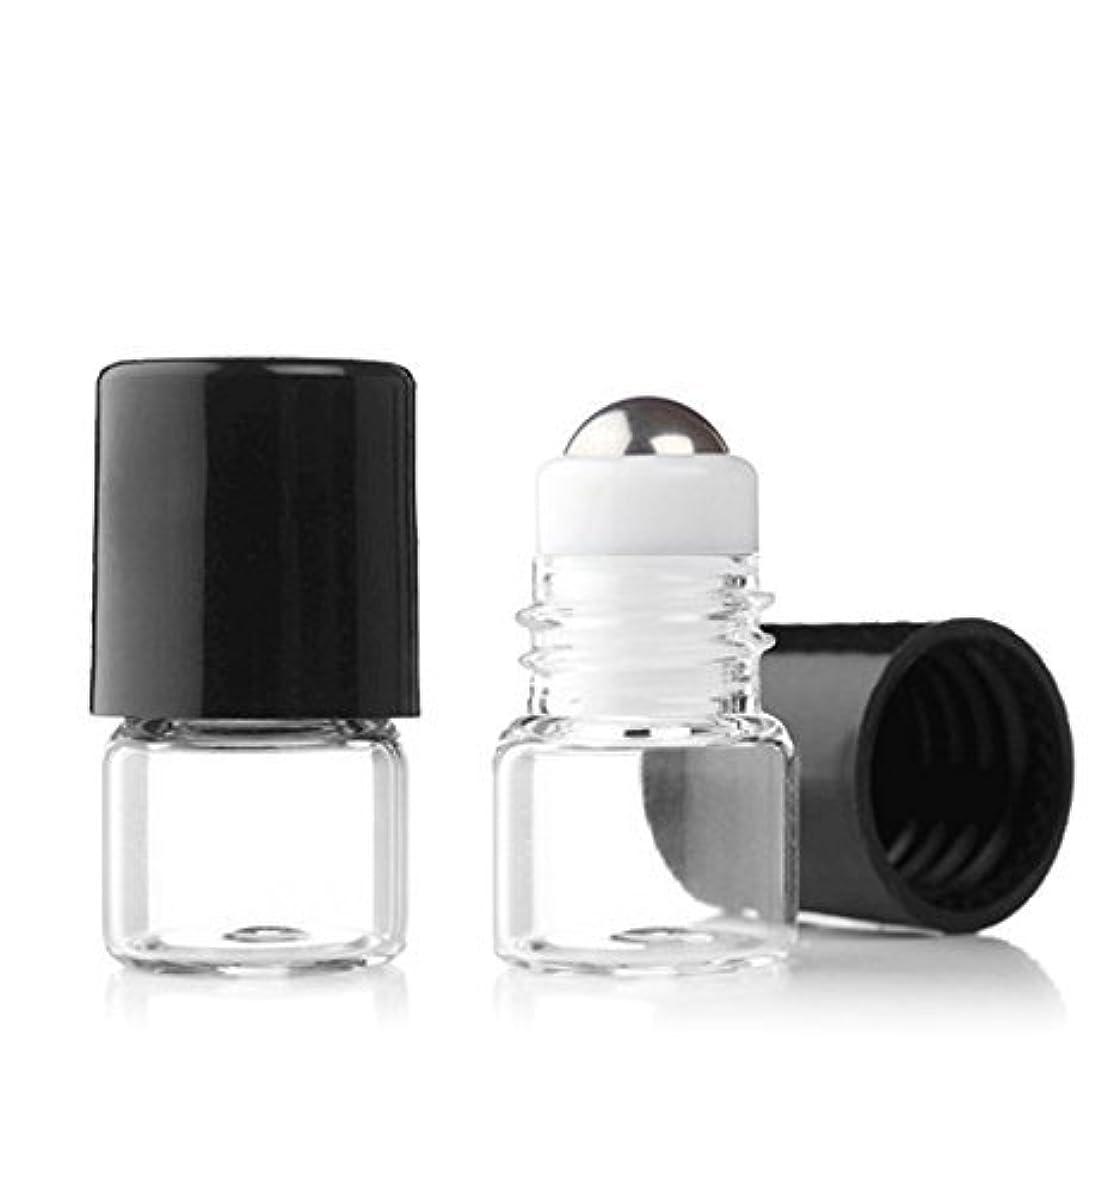 レーザ米ドルカウンタGrand Parfums Empty 1ml Micro Mini Rollon Dram Glass Bottles with Metal Roller Balls - Refillable Aromatherapy...